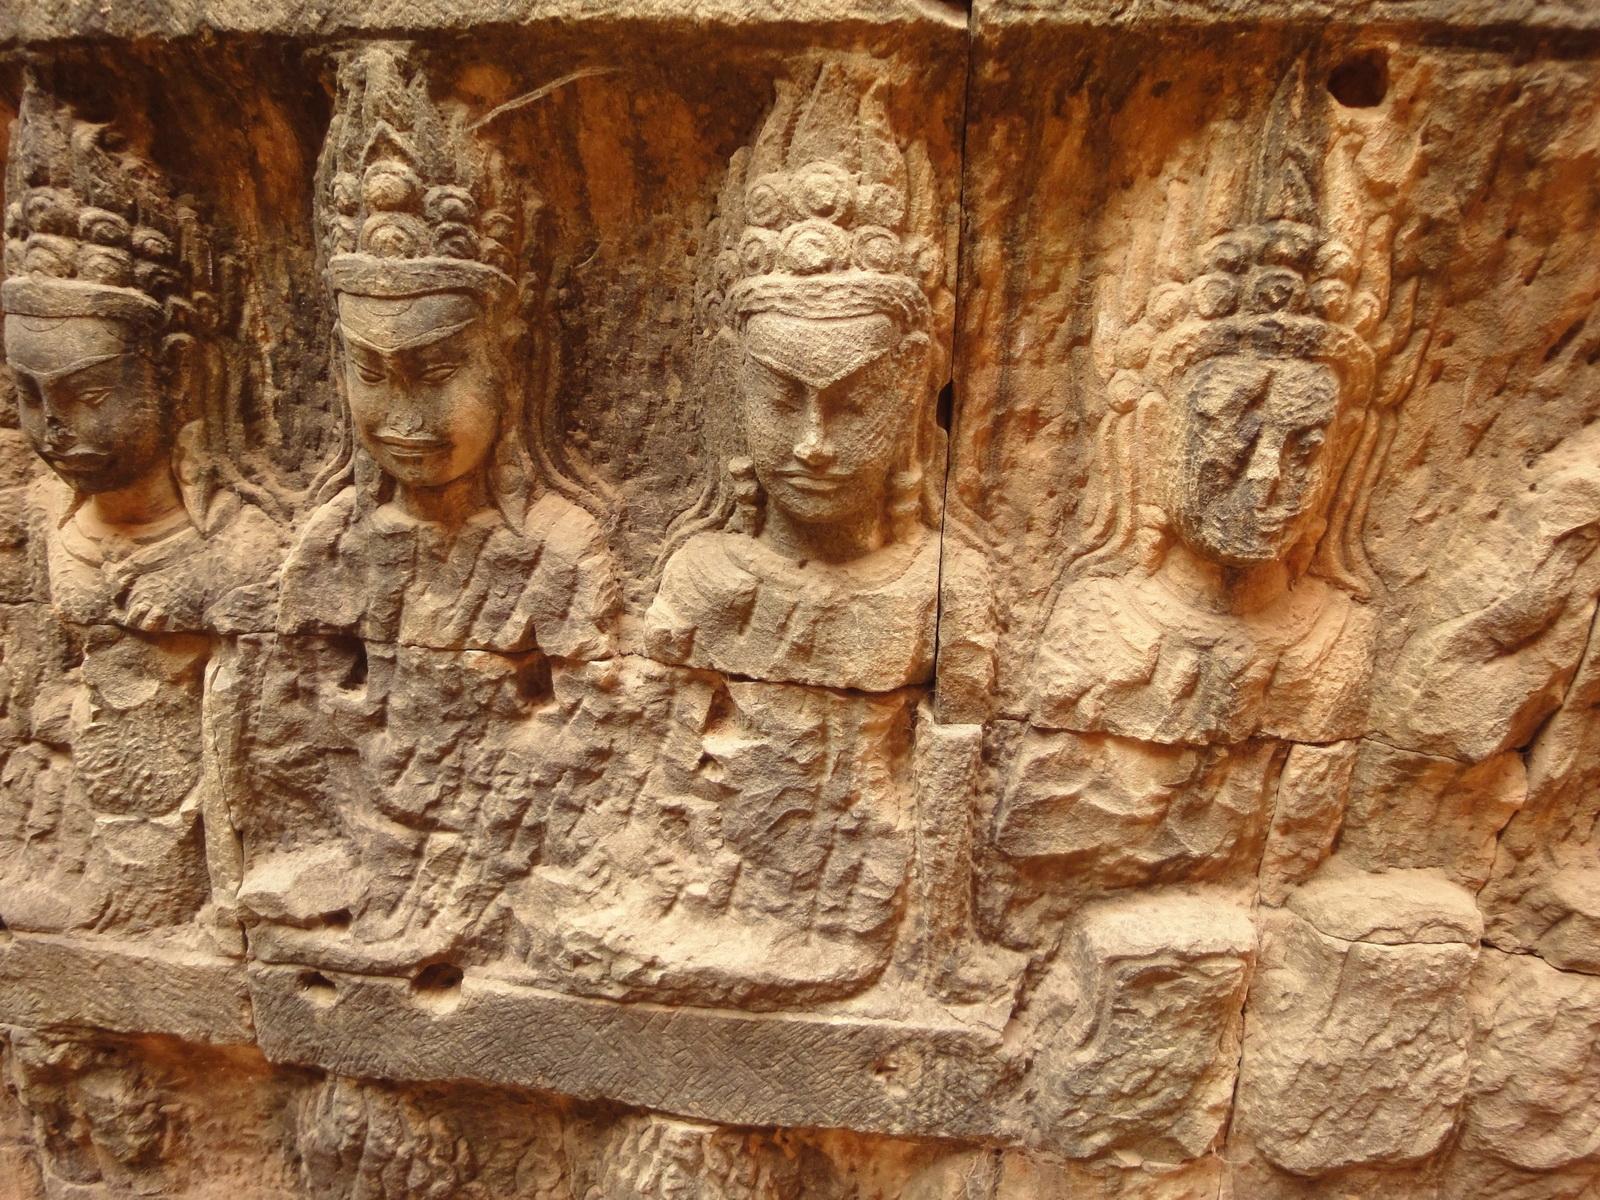 Leper King Terrace hidden wall underworld Nagas and deities 119